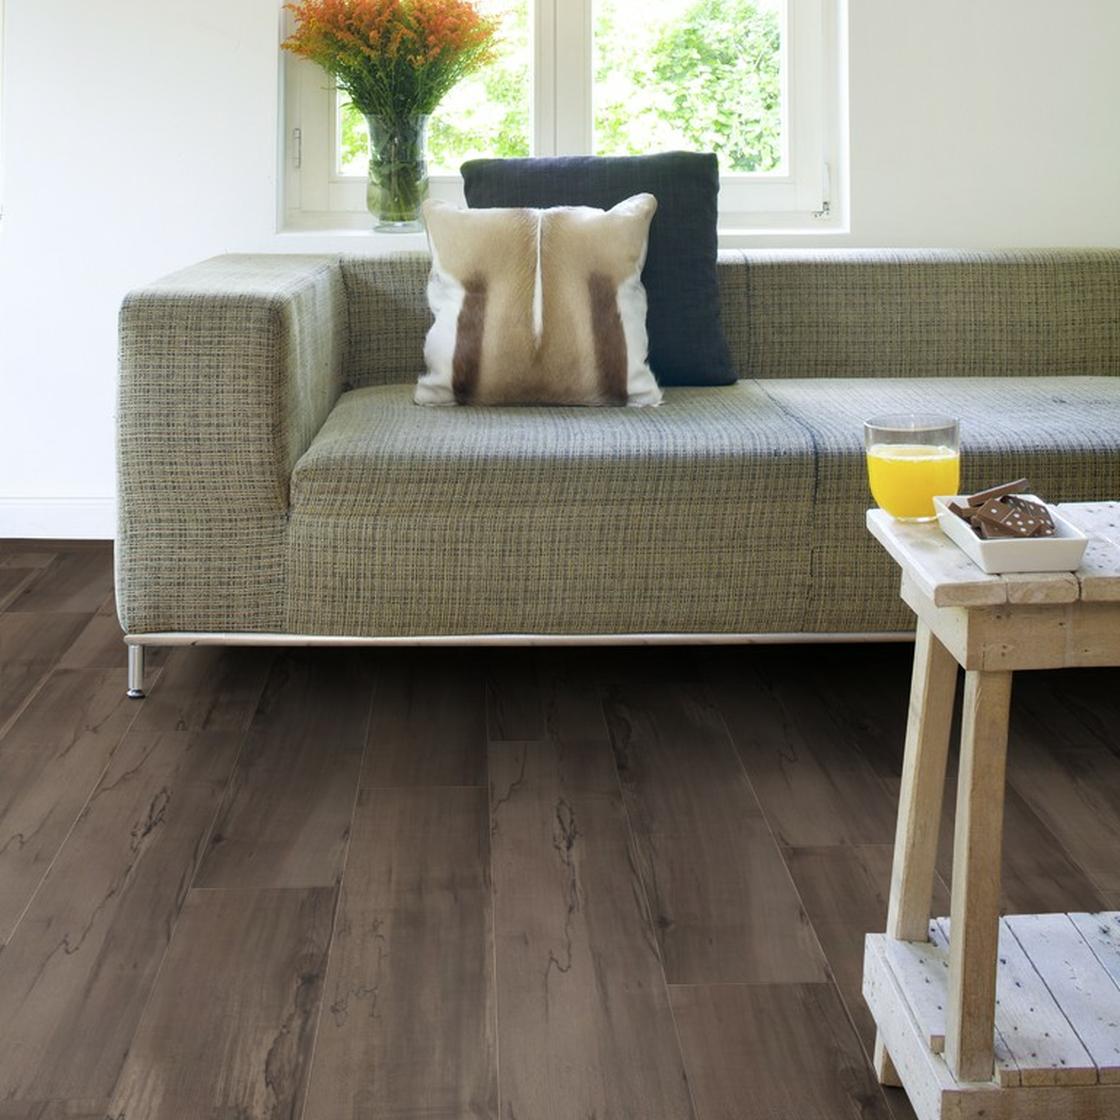 project floors pw 1352 55 floors work vinylboden designbodenbelag g nstig kaufen onlineshop. Black Bedroom Furniture Sets. Home Design Ideas